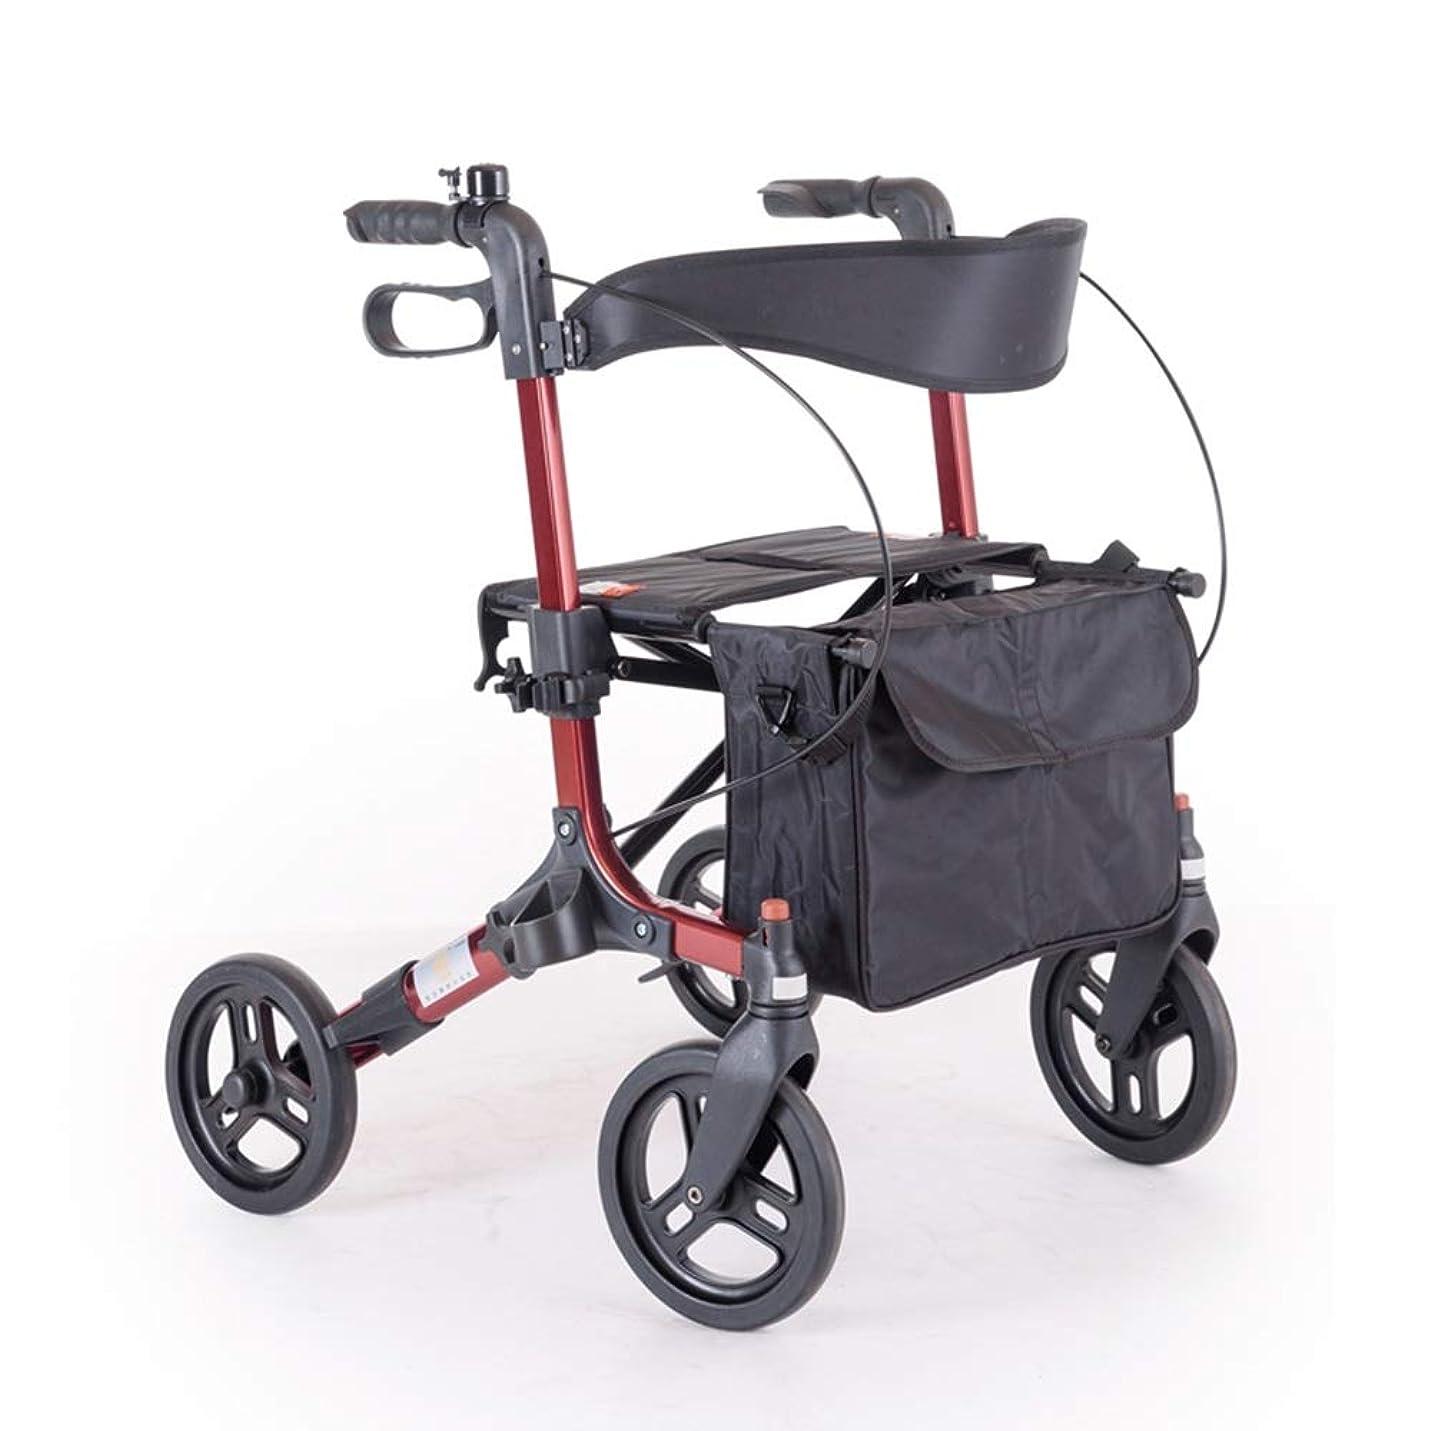 重要暗殺先住民折り畳み式の軽量コンパクトな歩行器、シートとバッグ付き